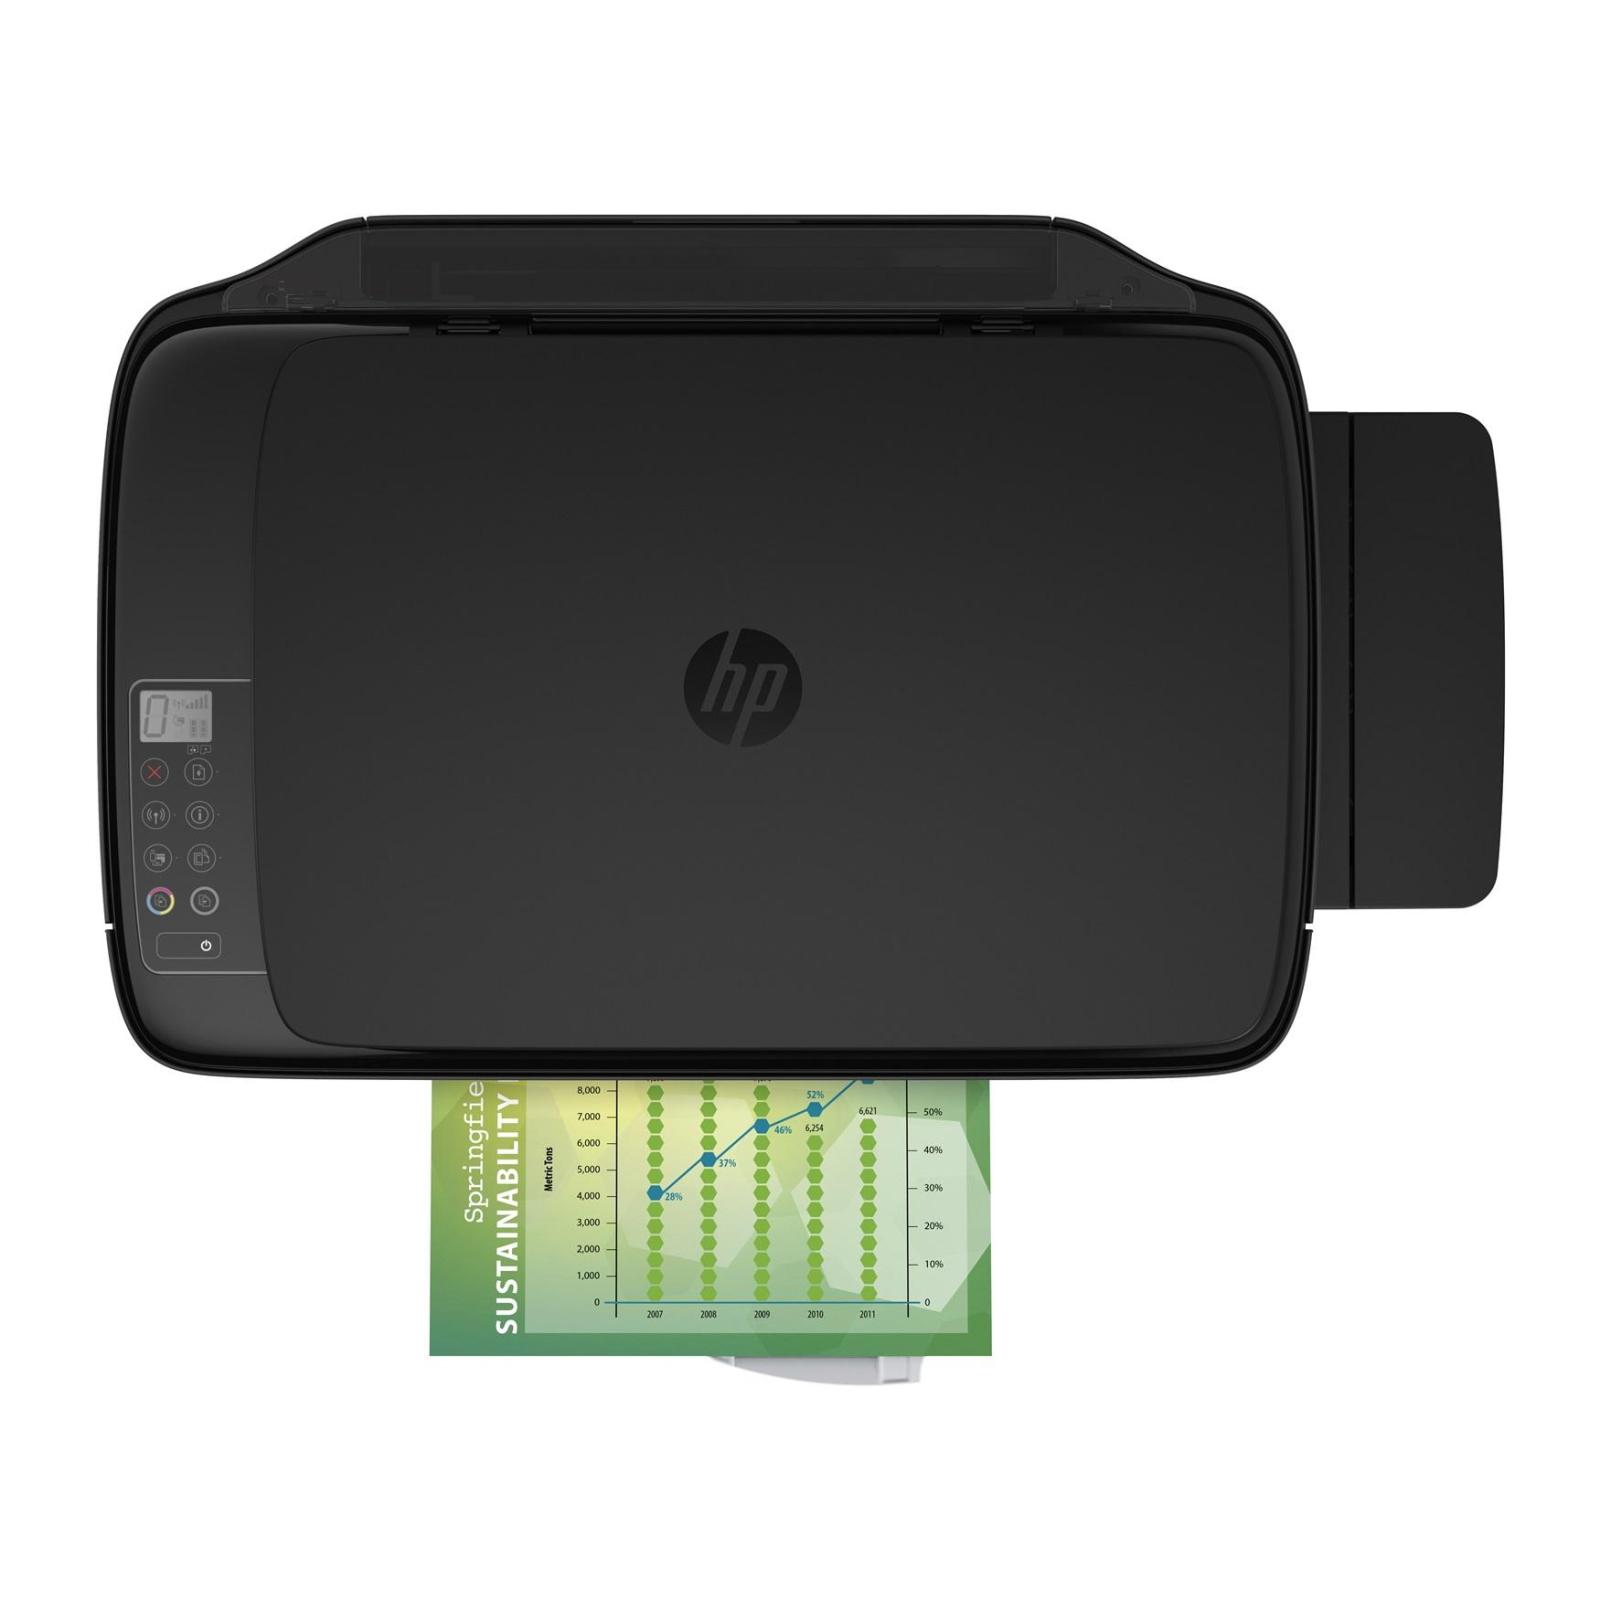 Многофункциональное устройство HP Ink Tank 415 c Wi-Fi (Z4B53A) изображение 6